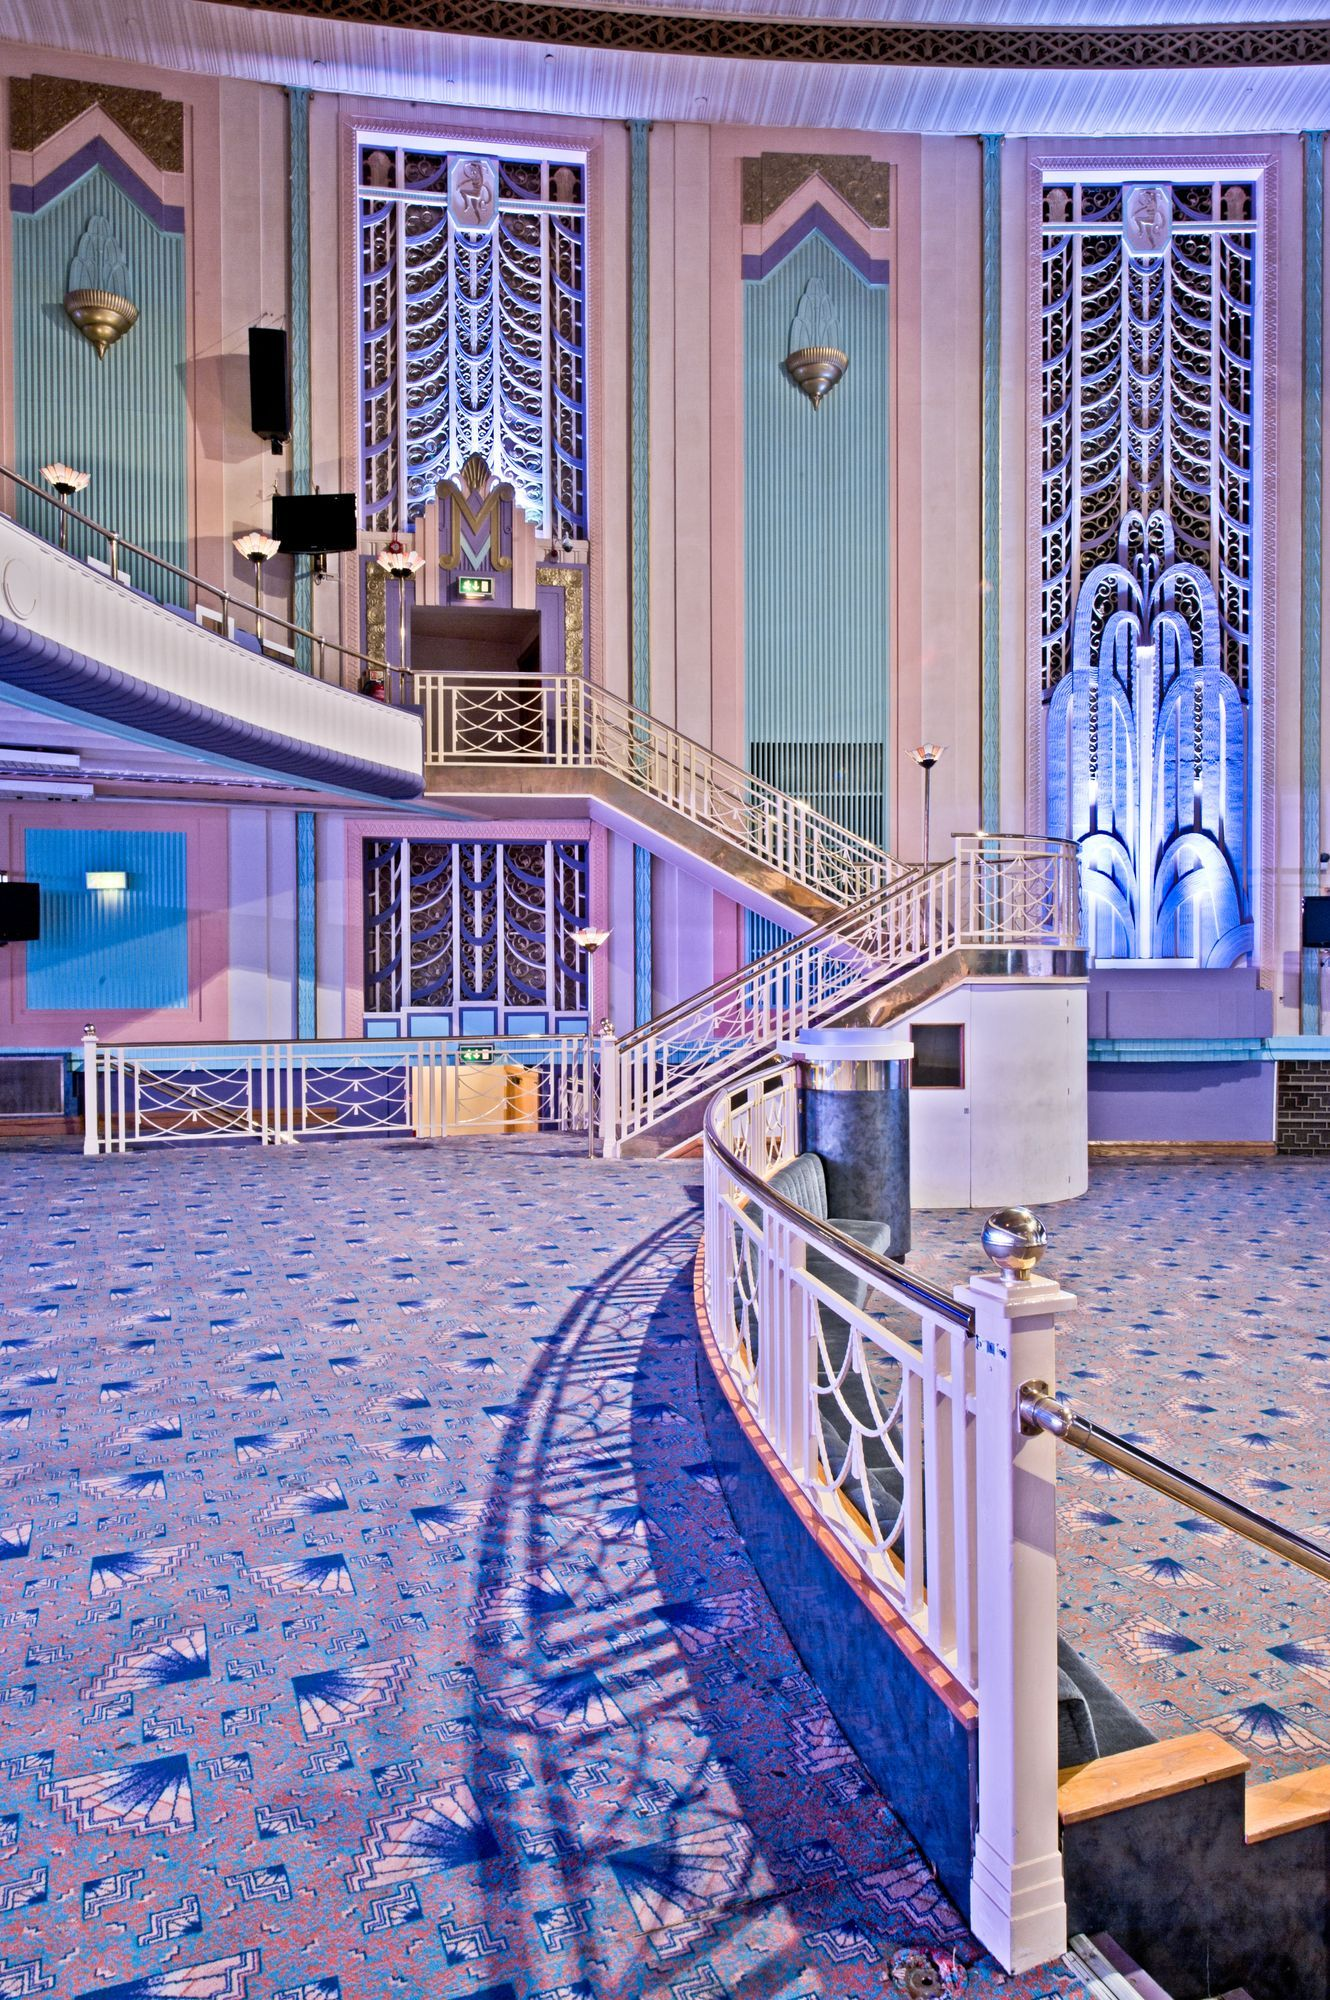 The Troxy - Art Deco Venue